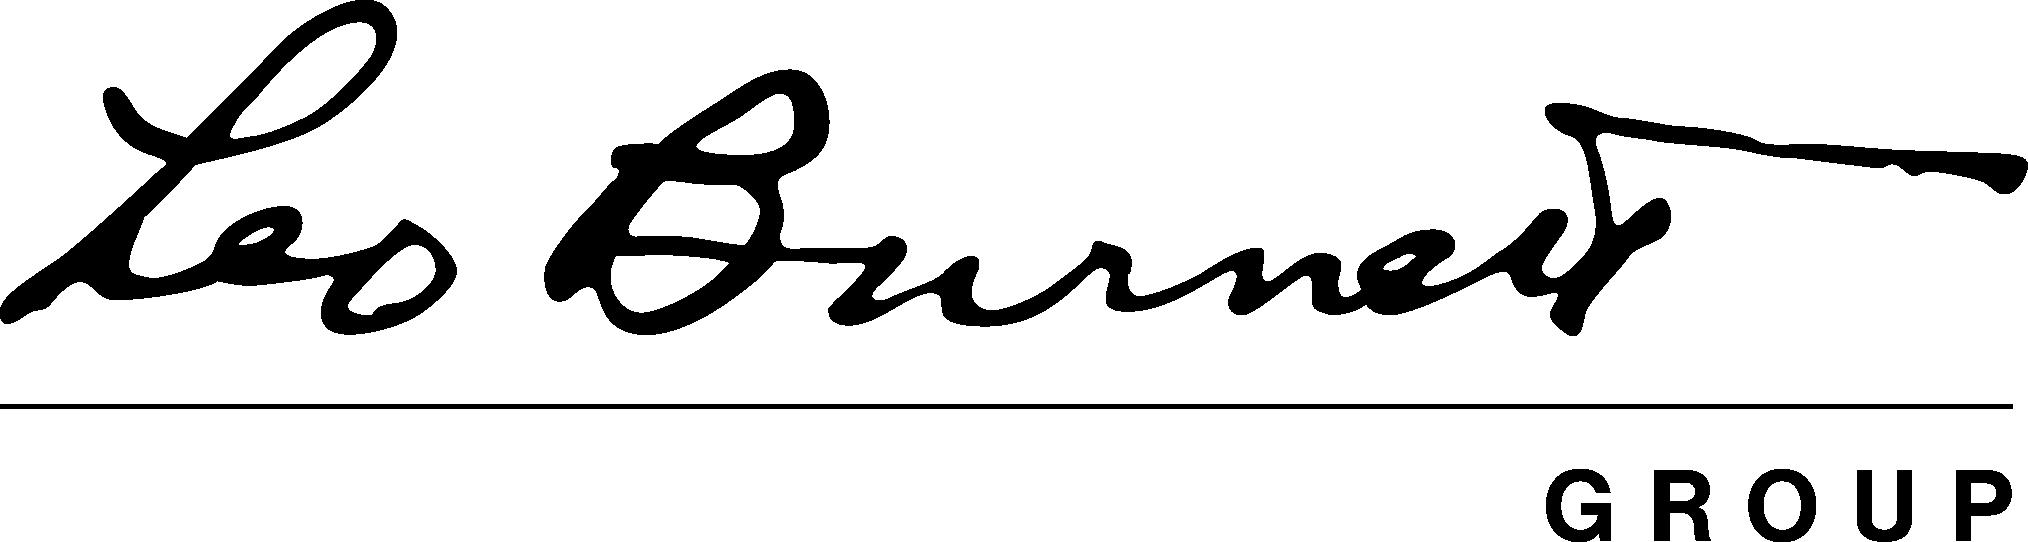 leo-burnett.png